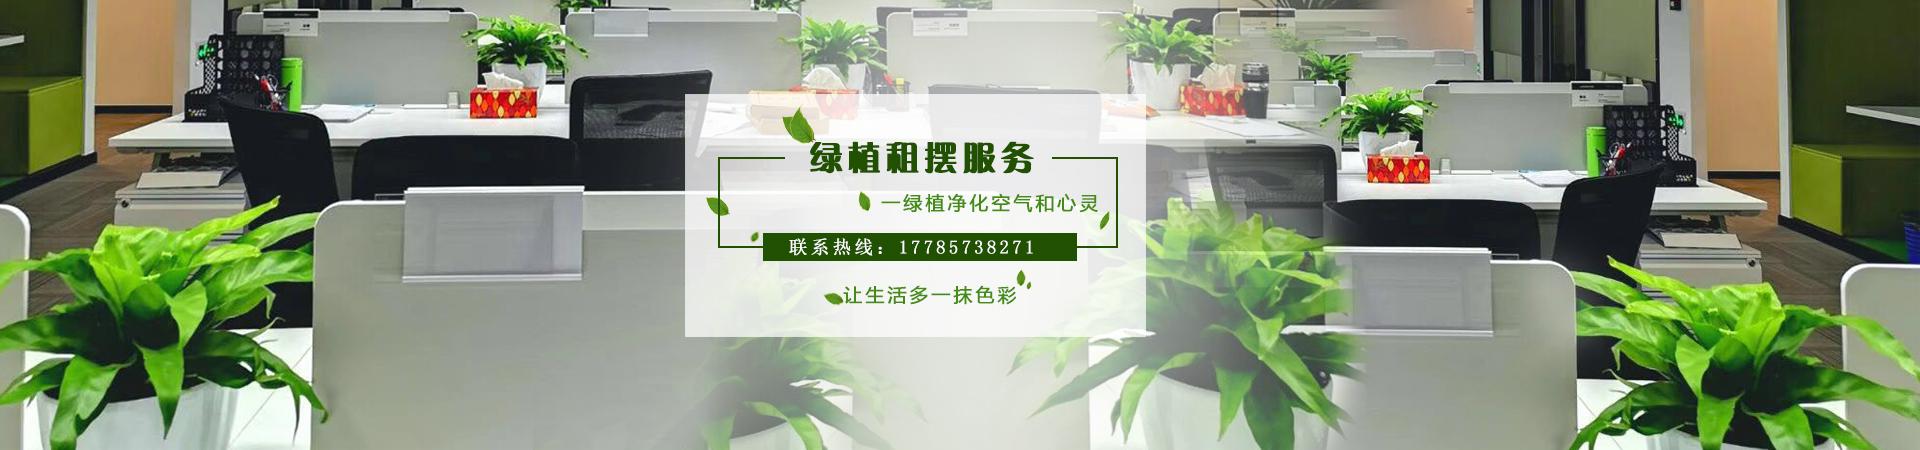 贵阳植物租赁